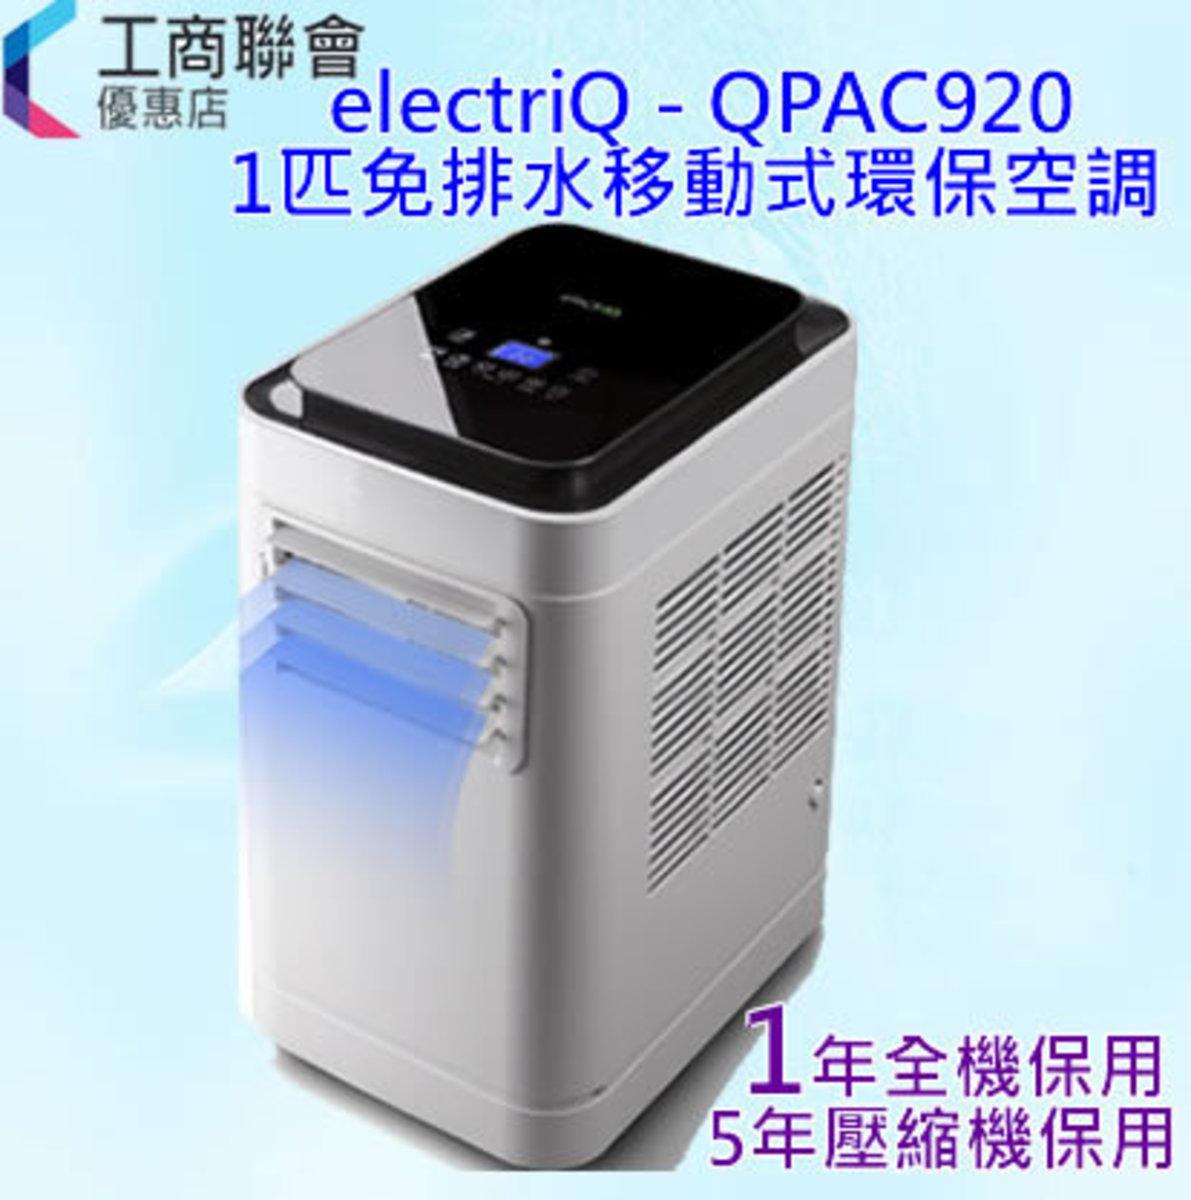 QPAC920    1匹免排水移動式環保空調